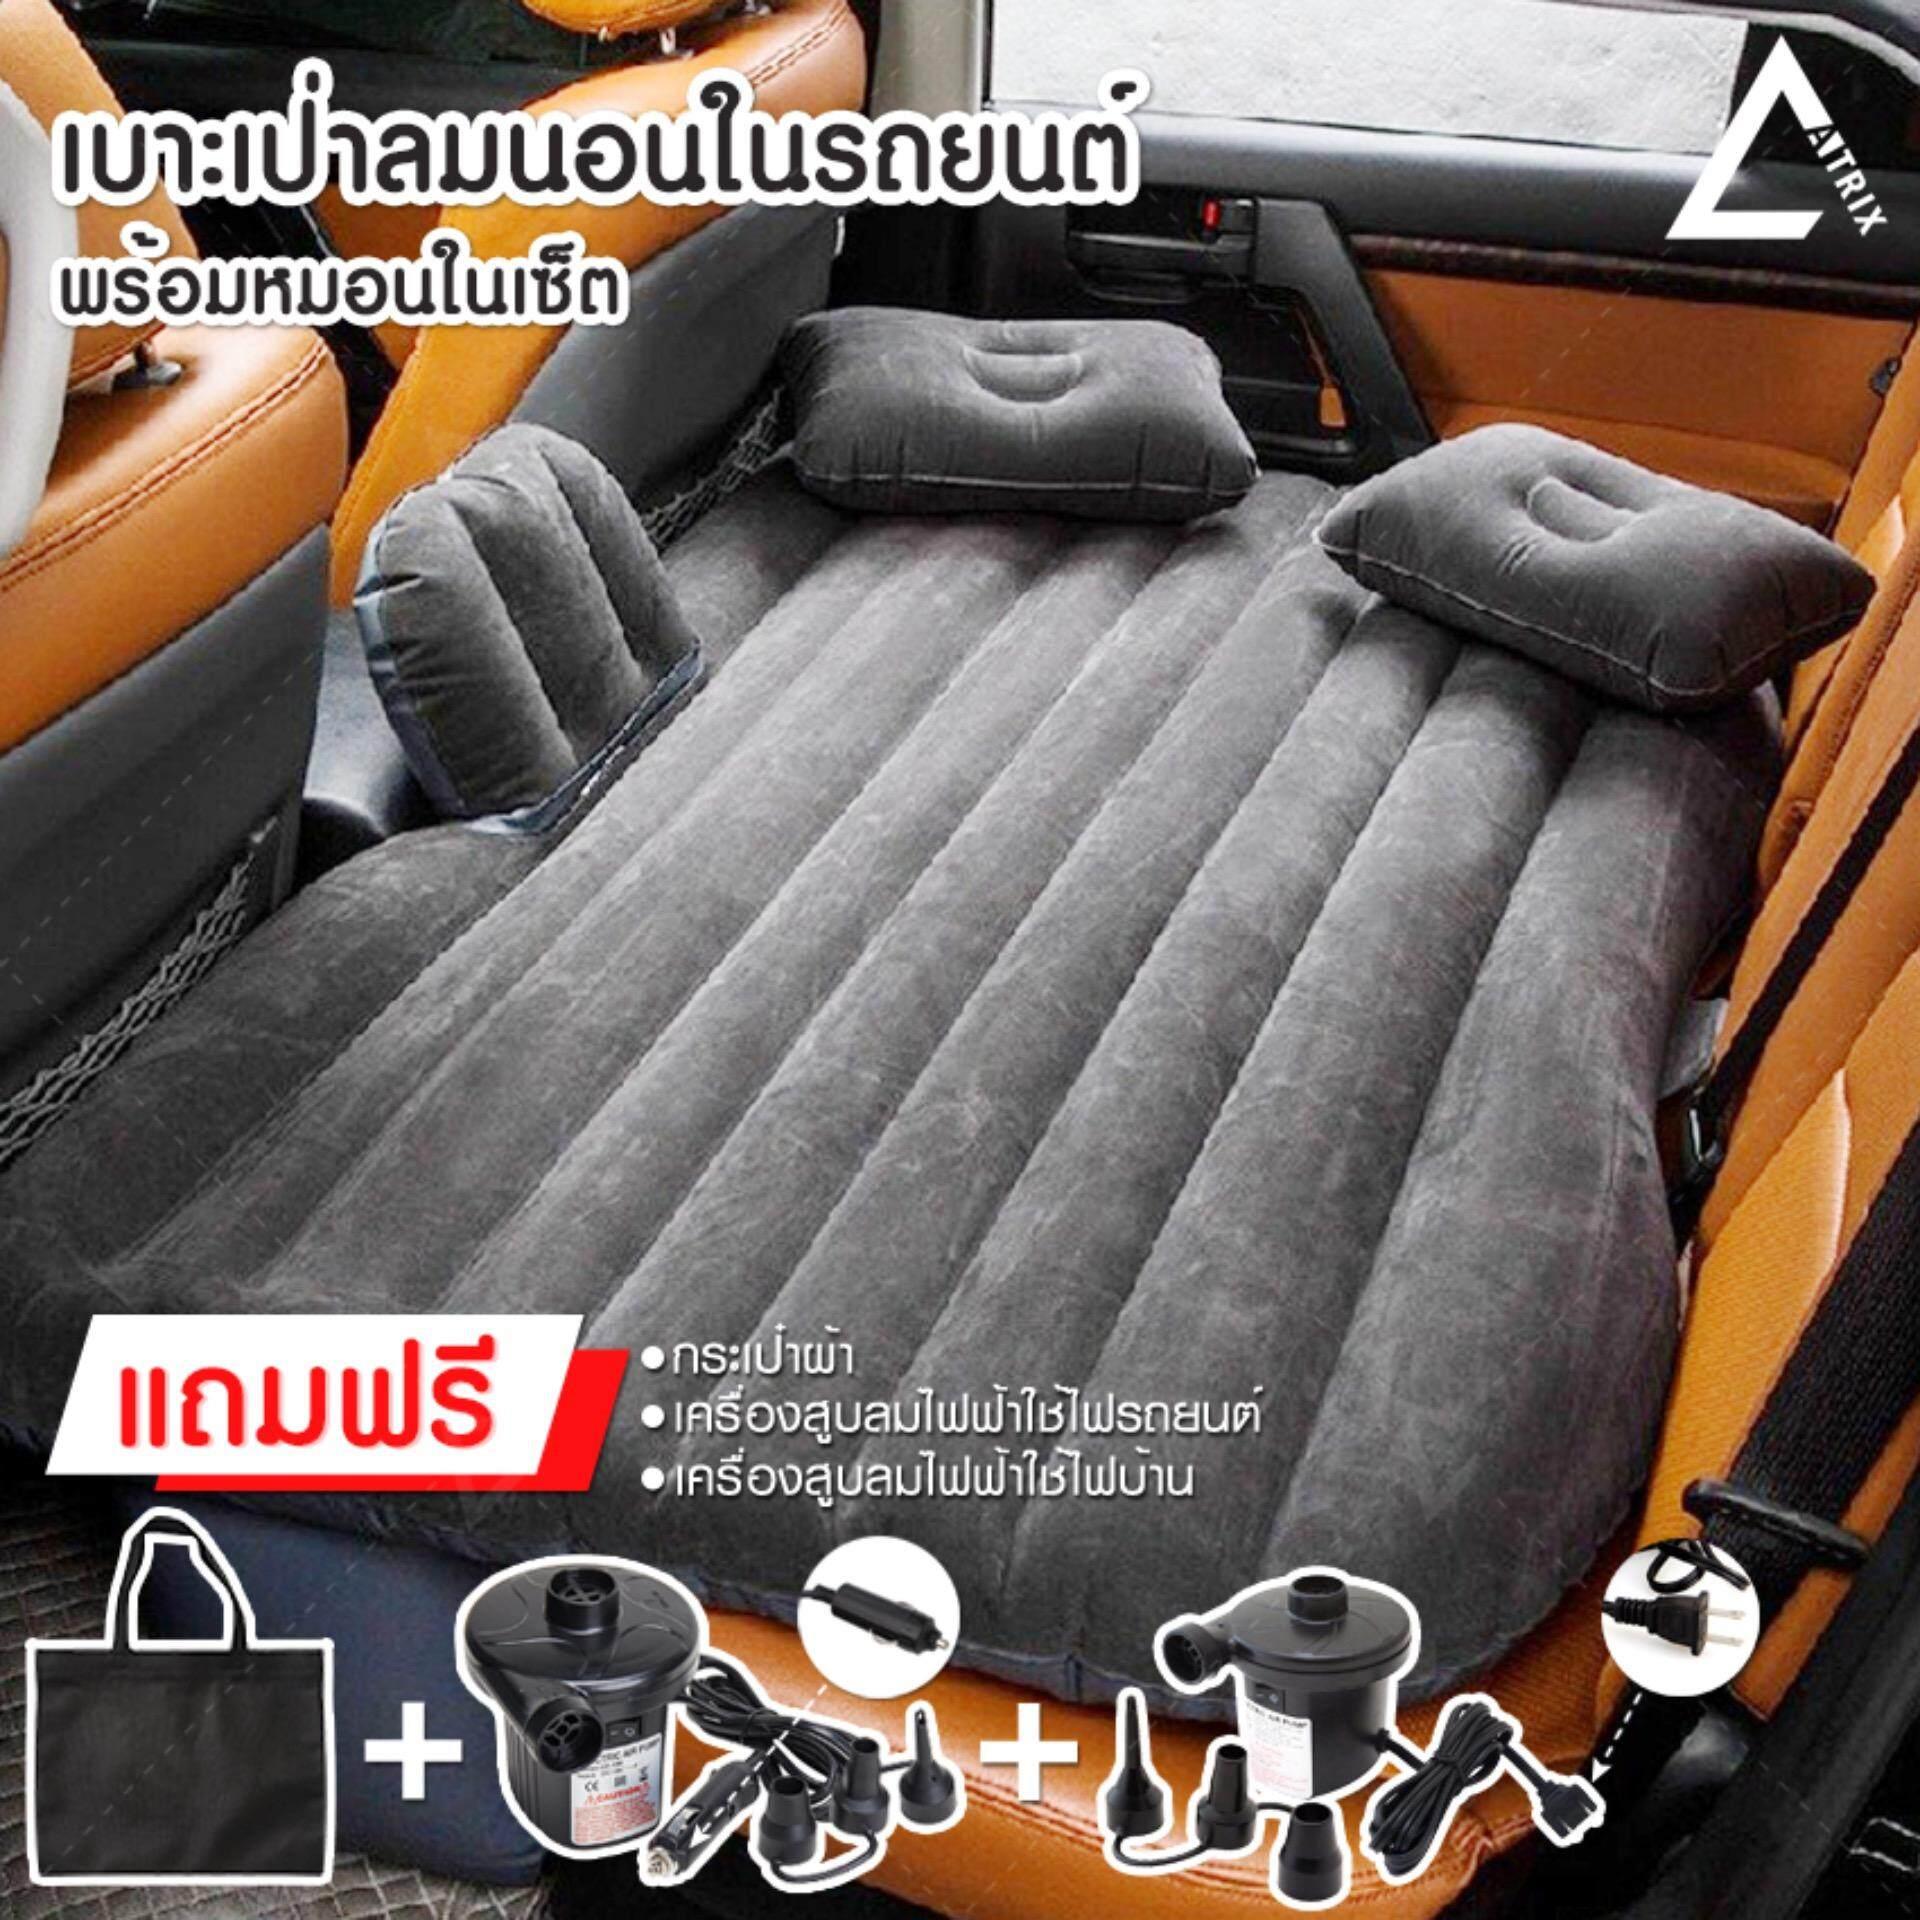 ซื้อ Atrix ซื้อ 1 ได้ถึง 2 เบาะเป่าลมนอนในรถยนต์ ที่นอนในรถ Inflatable Bed In Car มีที่กันคอนโซลหน้า พื้นผิวกำมะหยี่นุ่มสบาย ทนทาน ยืดหยุ่นสูงใช้เป็นเบาะรองนั่งนอกสถานที่ เป็นแพลอยในน้ำได้ รุ่น Kds 0009 สีดำ Black แถมฟรี เครื่องสูบลมอัตโนมัติรุ่น Kdh 0026 ออนไลน์ ถูก